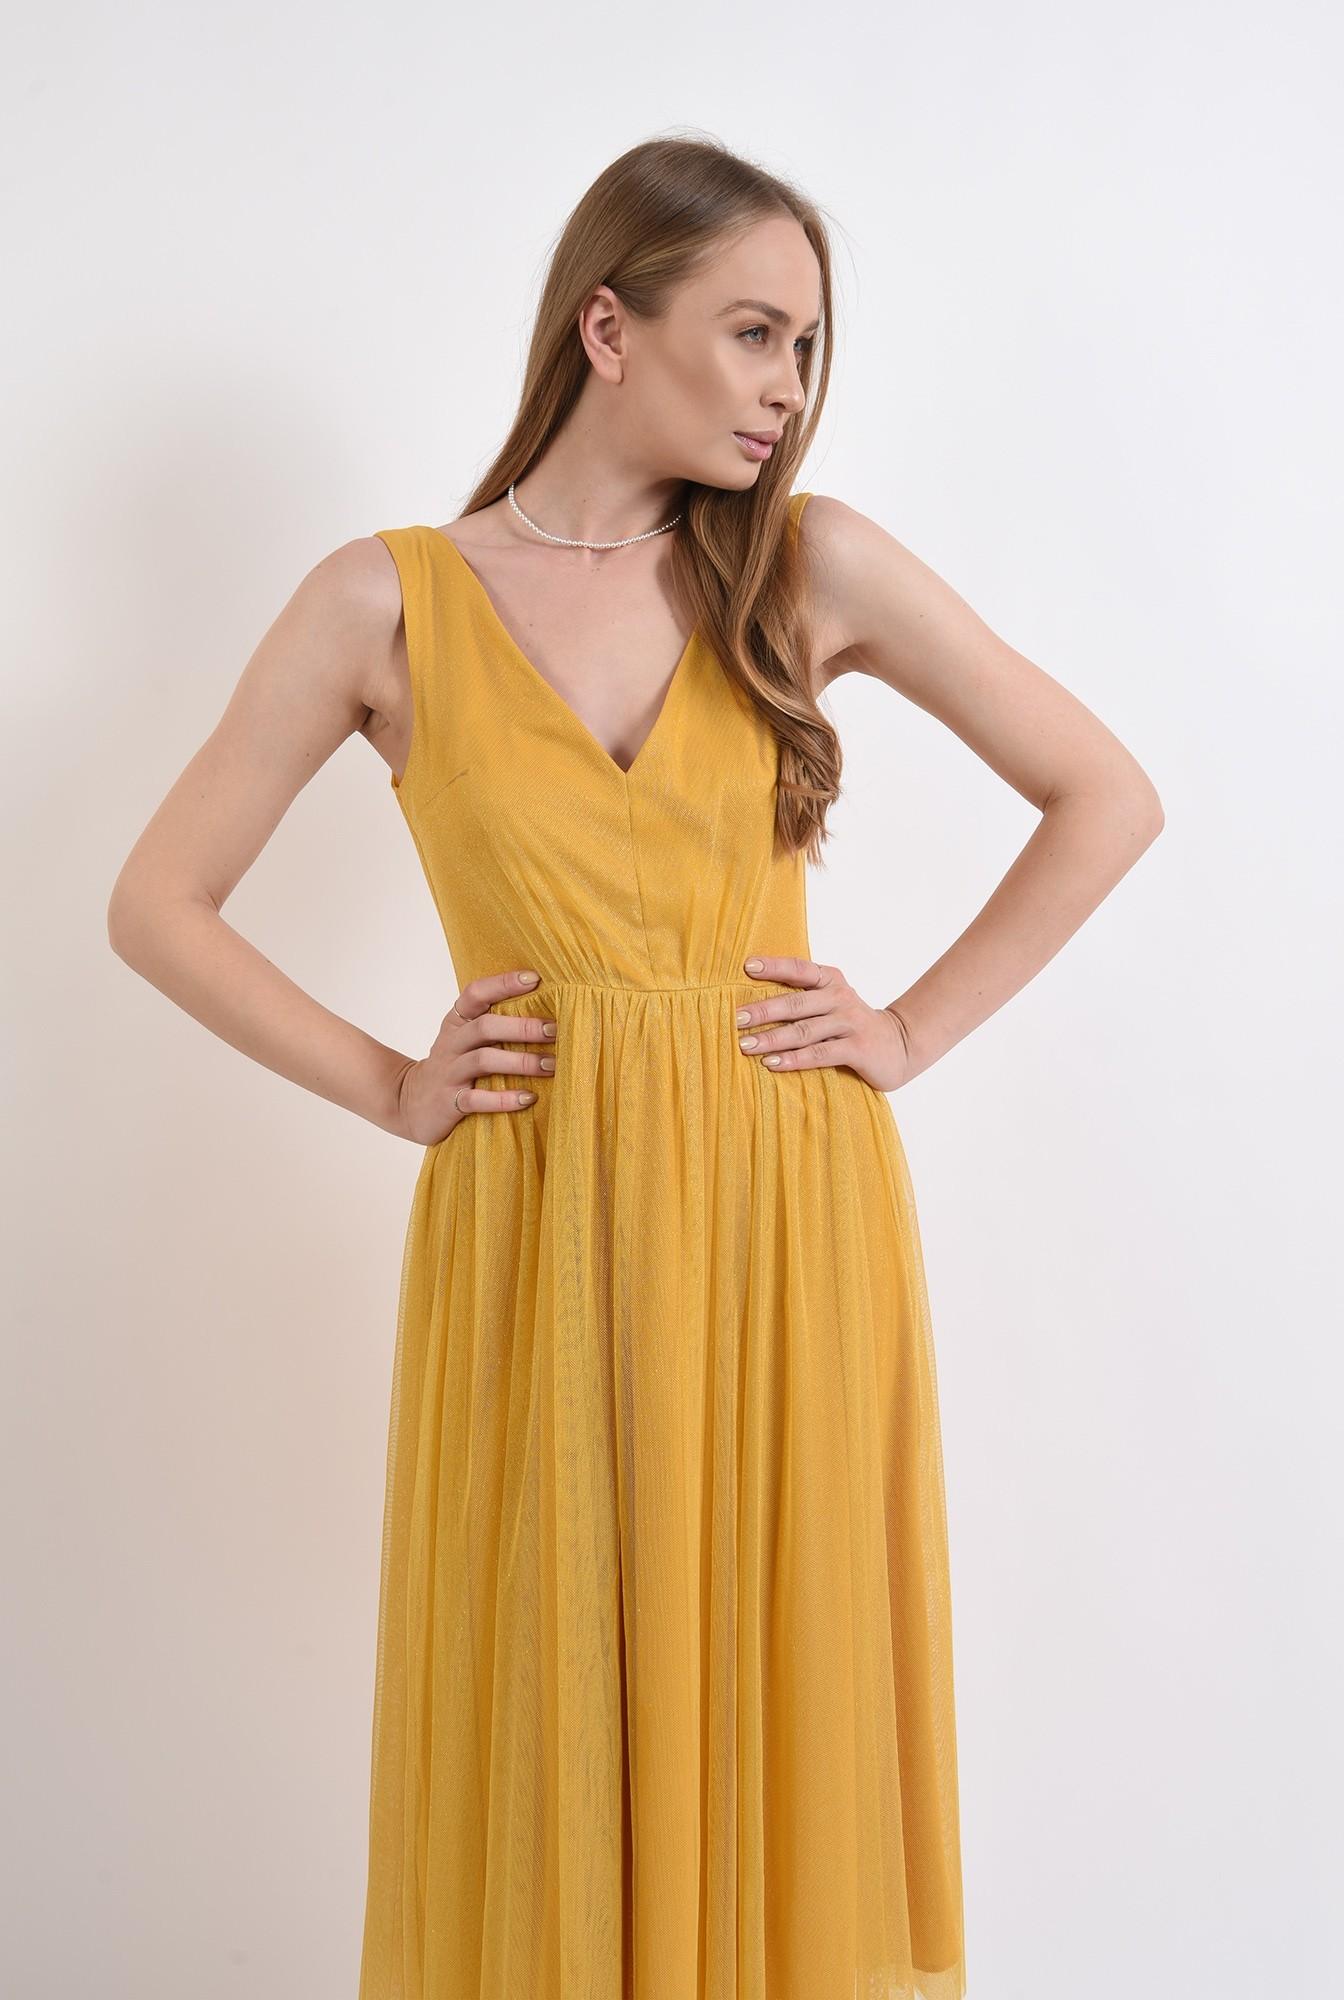 0 - rochie eleganta, mustar, din tul